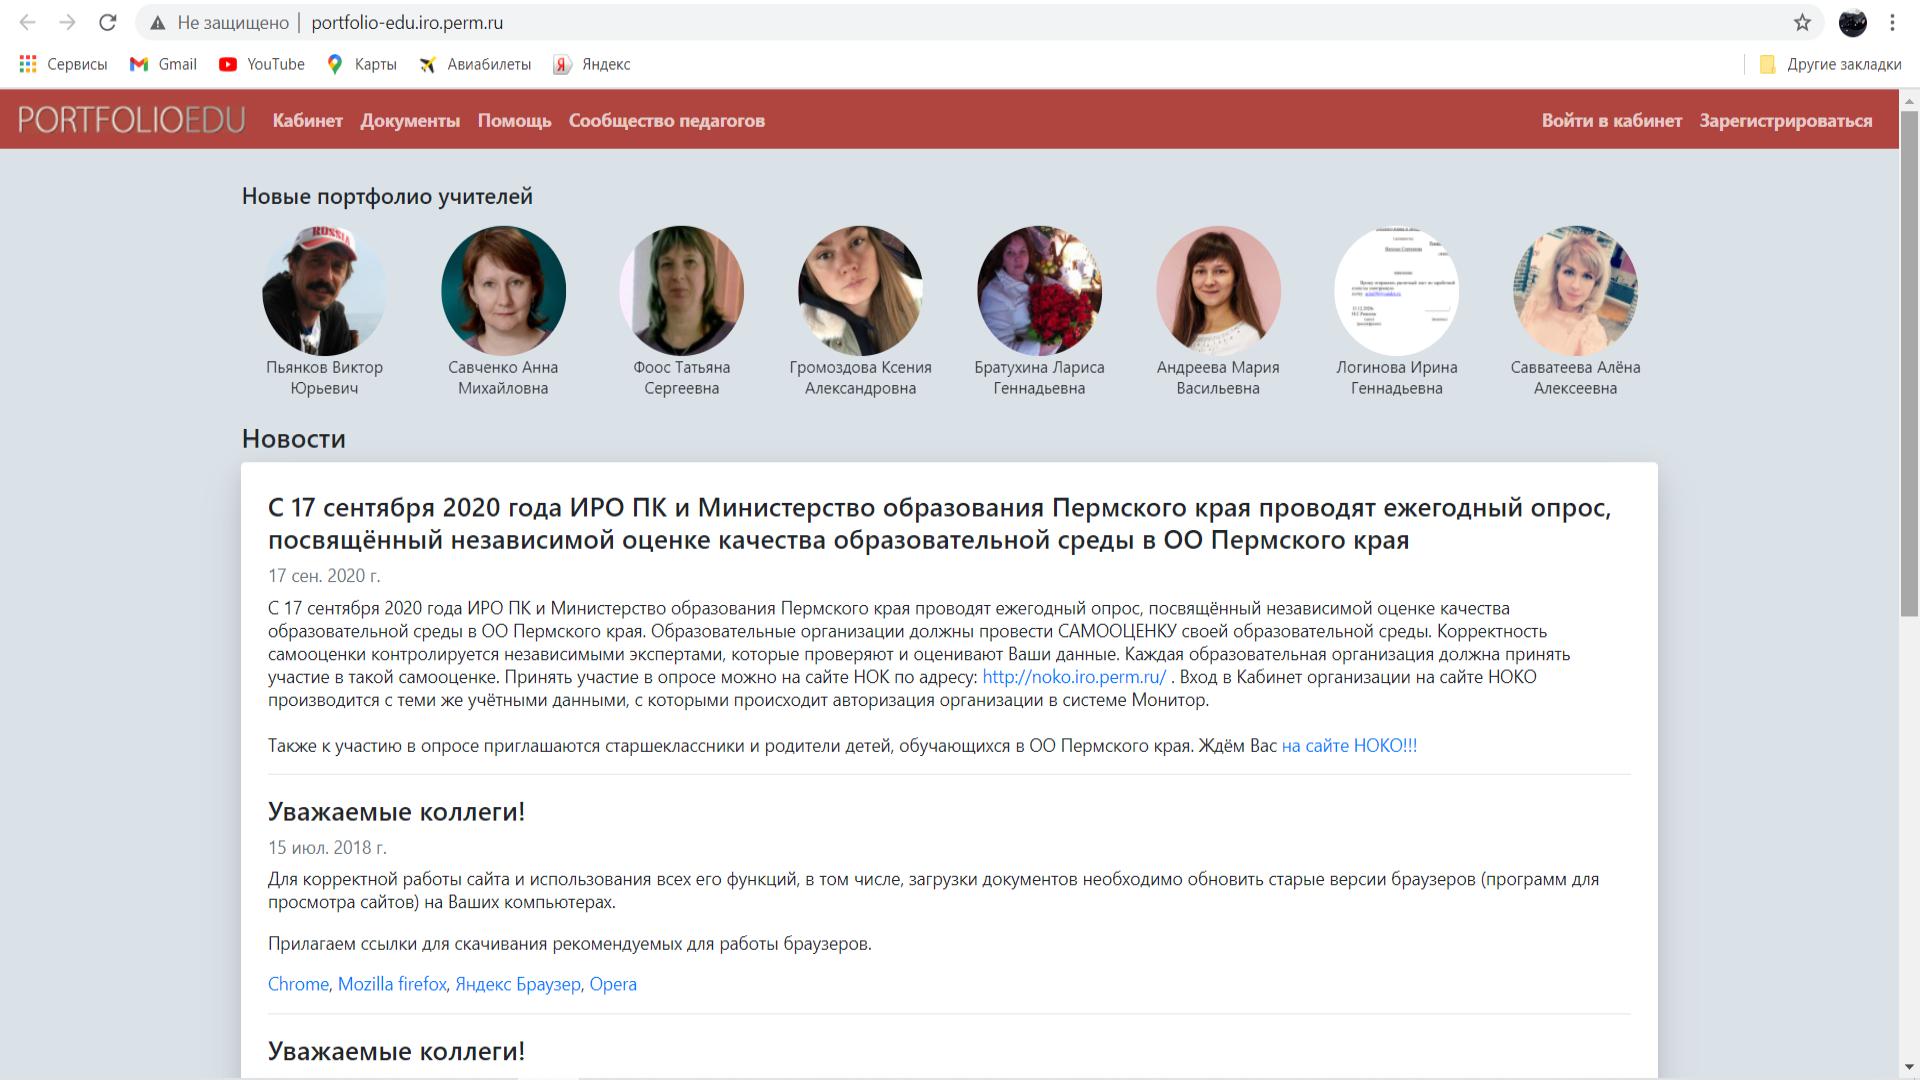 официальный сайт портфолио учителей пермского края